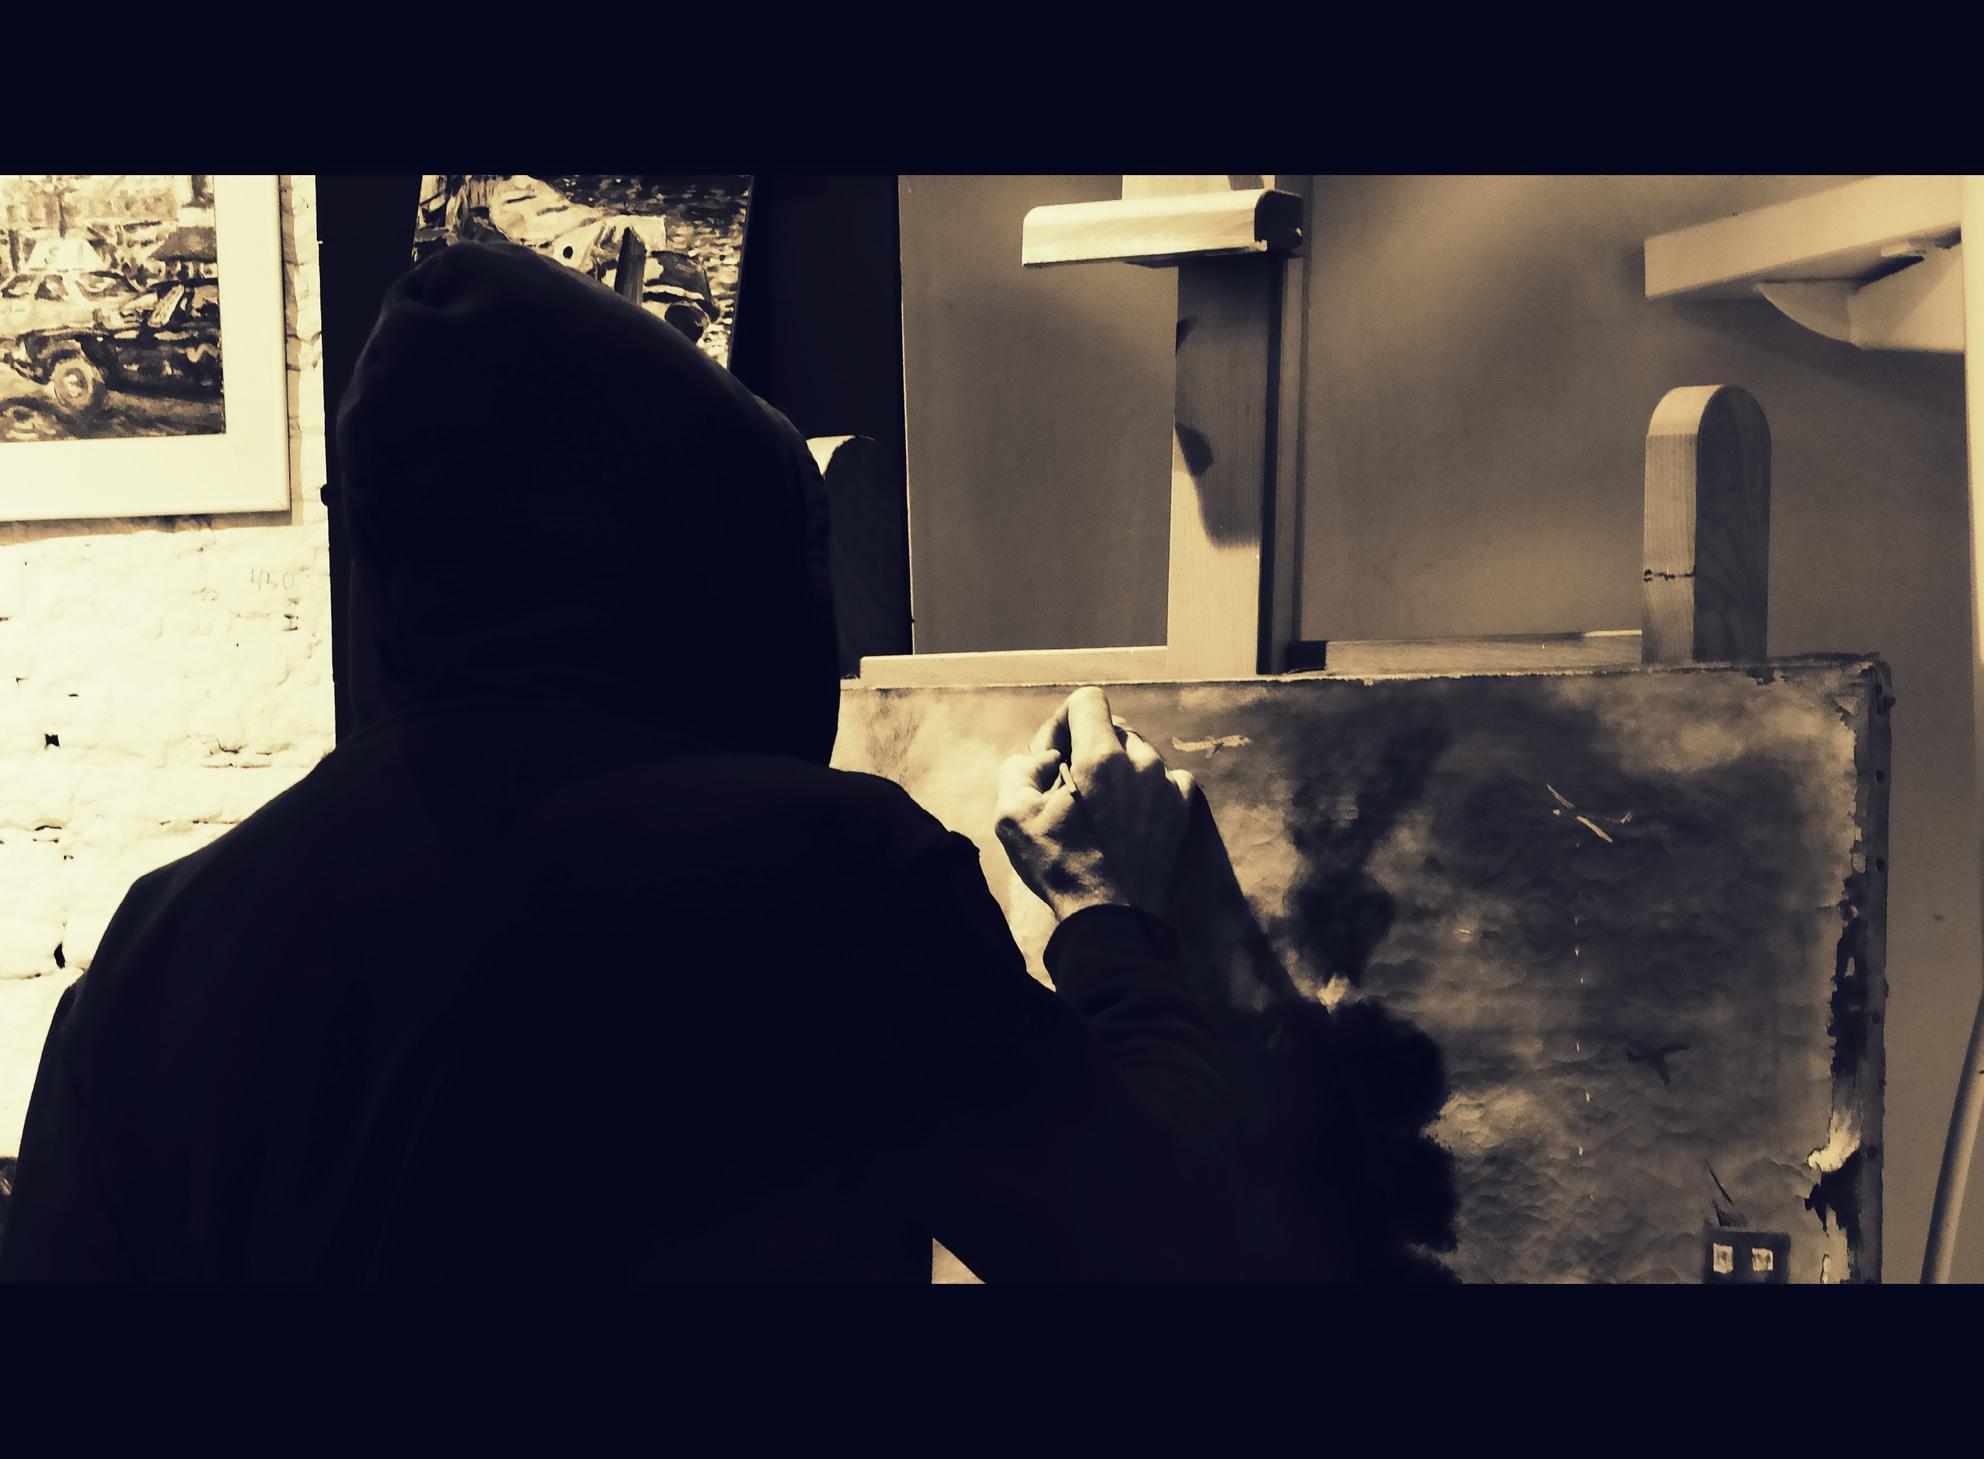 the unkown artist - straatfotografie - foto door c.buitendijk53 op 07-04-2021 - locatie: Amsterdam, Nederland - deze foto bevat: kunst,, straat, straatfotogr, schilder, kunstschilder,, schilderij, flitsfotografie, gebaar, lettertype, kunst, tinten en schakeringen, duisternis, ruimte, achtergrondverlichting, rechthoek, kamer